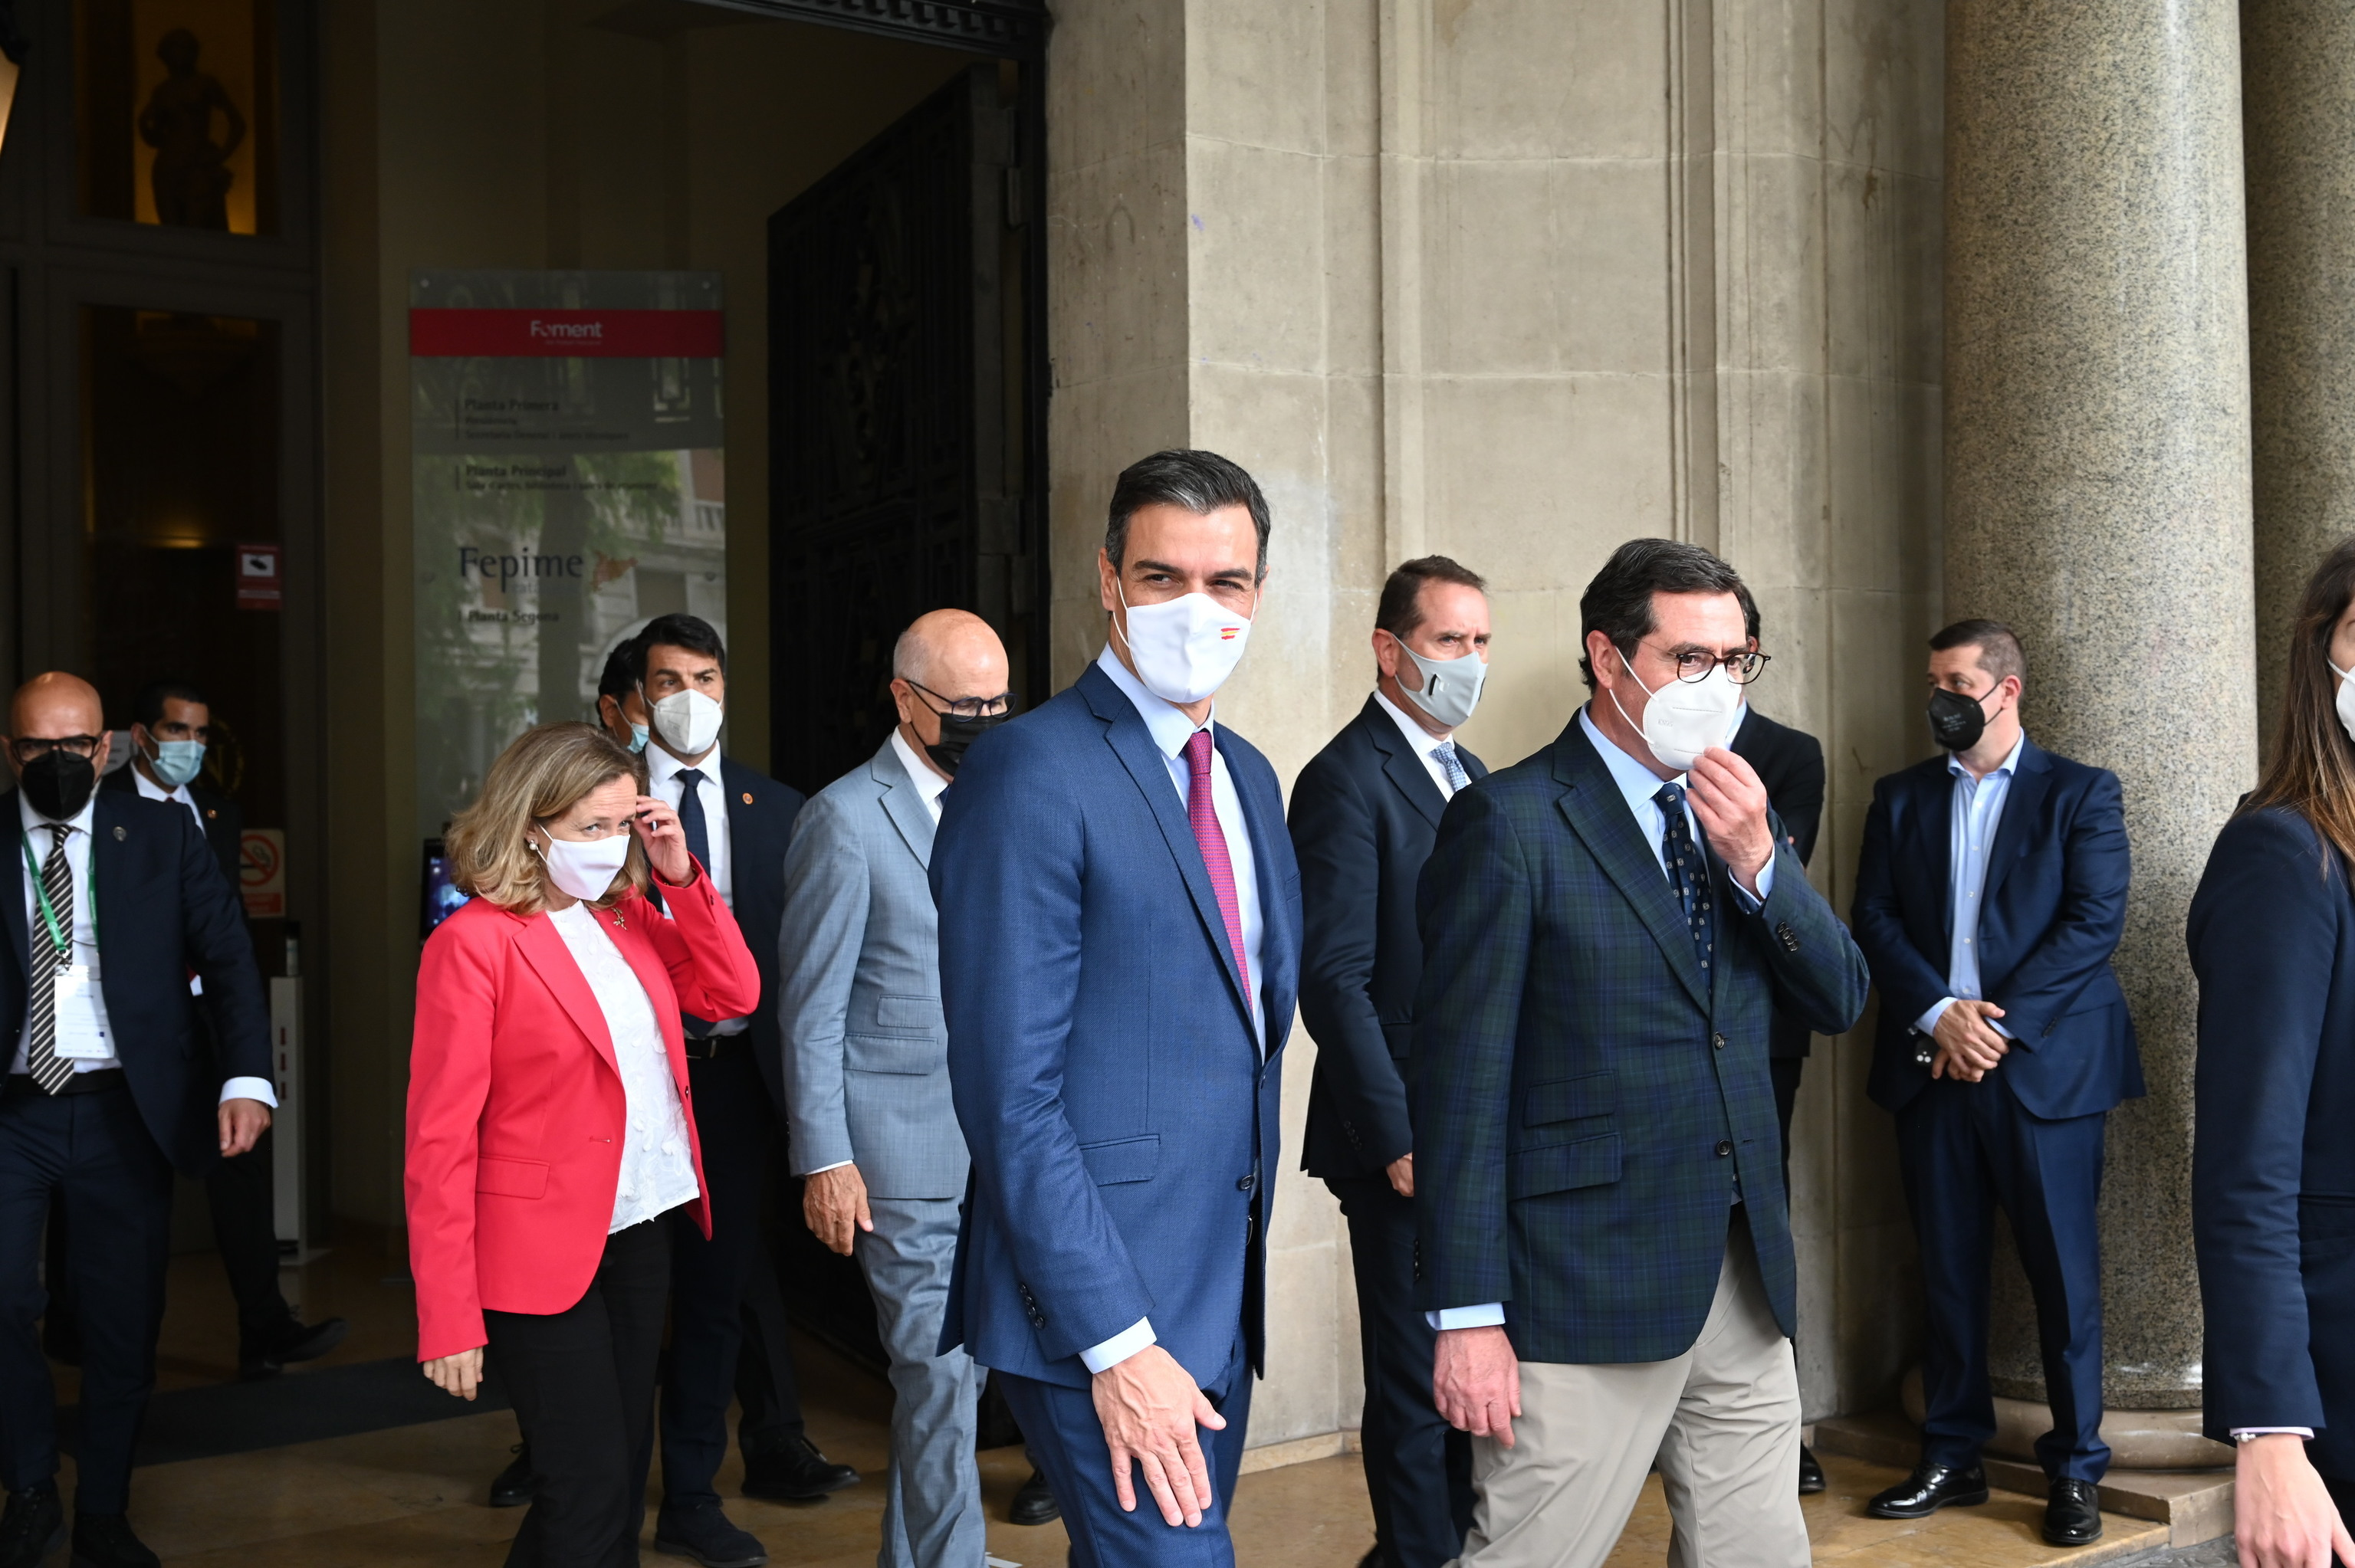 De izquierda a derecha, Nadia Calviño, Pedro Sánchez y Antonio Garamendi el pasado viernes en la sede de la patronal catalana Foment.